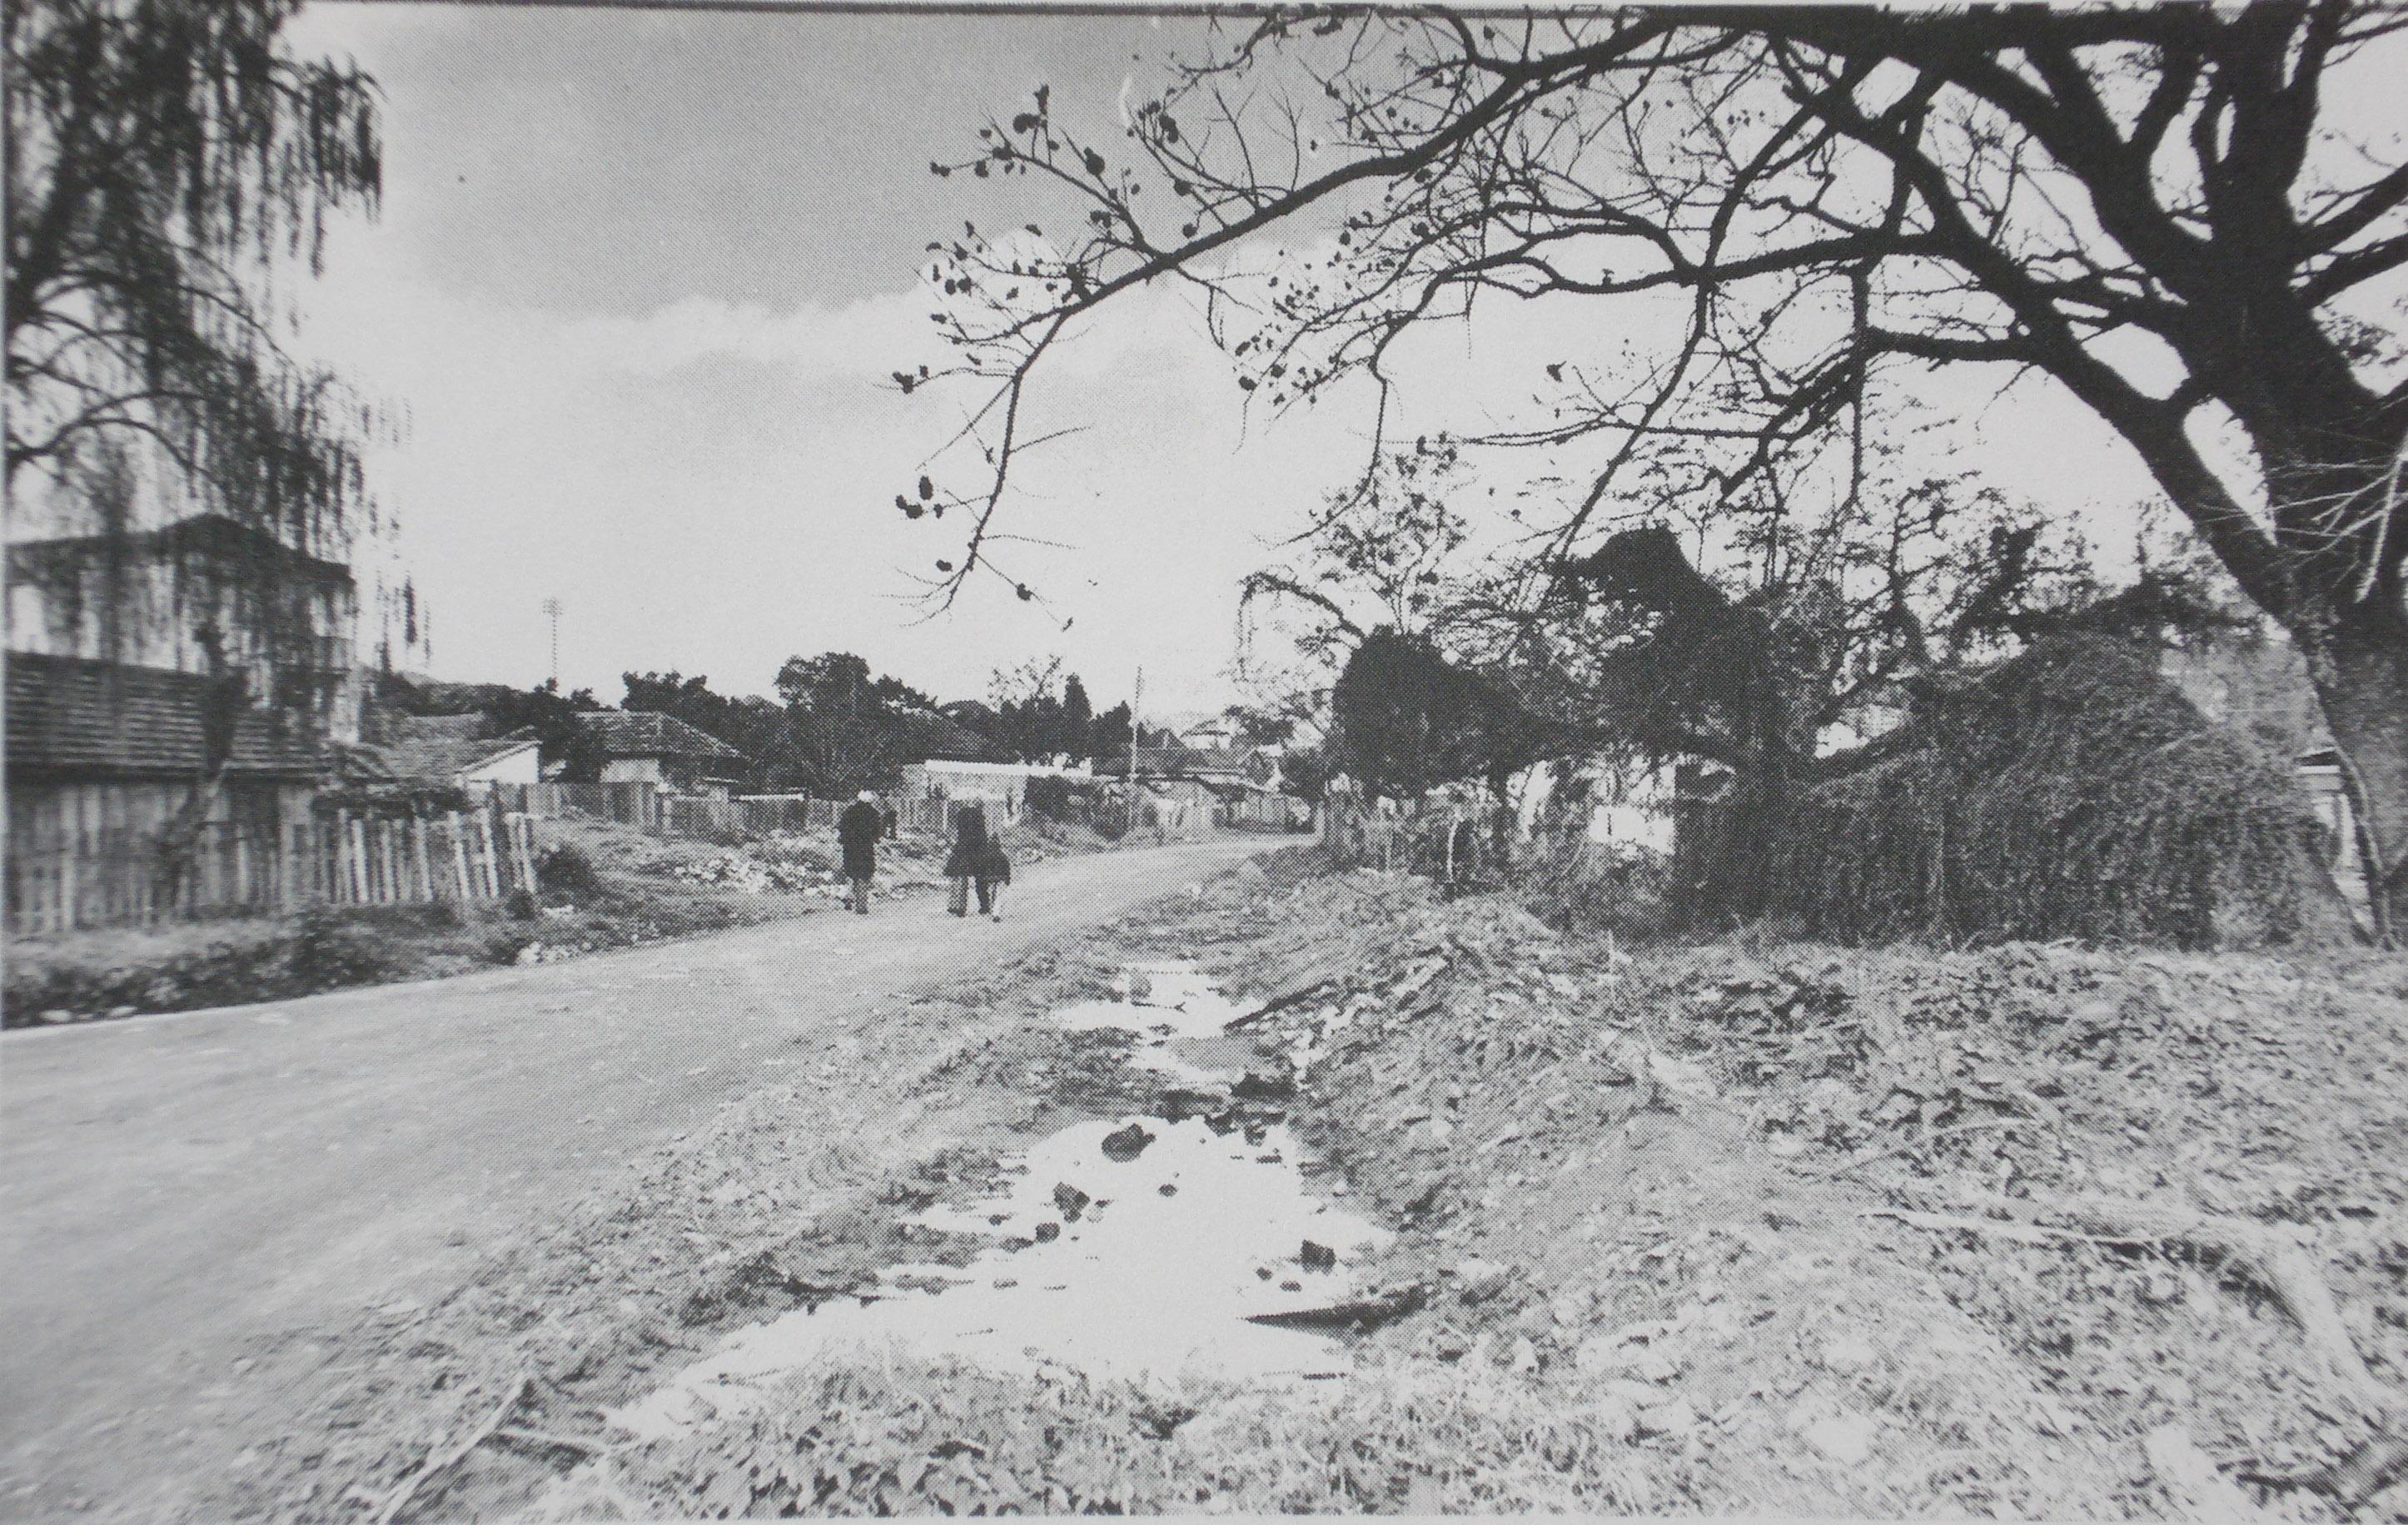 A antiga Rua Arlindo. Foto sem data, autor desconhecido. Acervo do Arquivo Histórico de Porto Alegre Moysés Vellinho, disponibilizada por Jornal Tabaré (vide fontes).